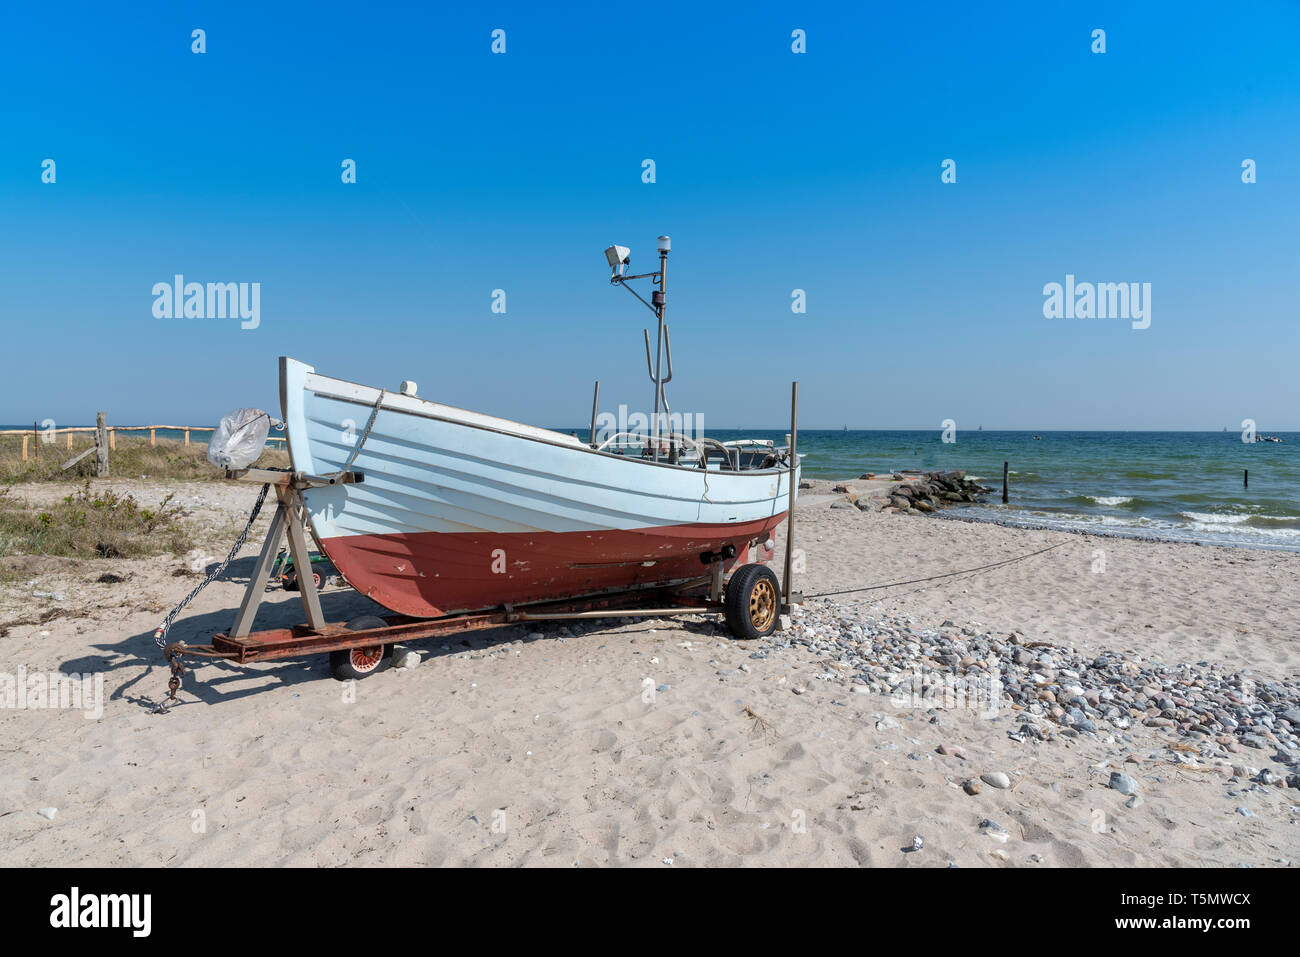 Fischerboot am Strand bei Damp in Schleswig-Holstein, Deutschland Stock Photo